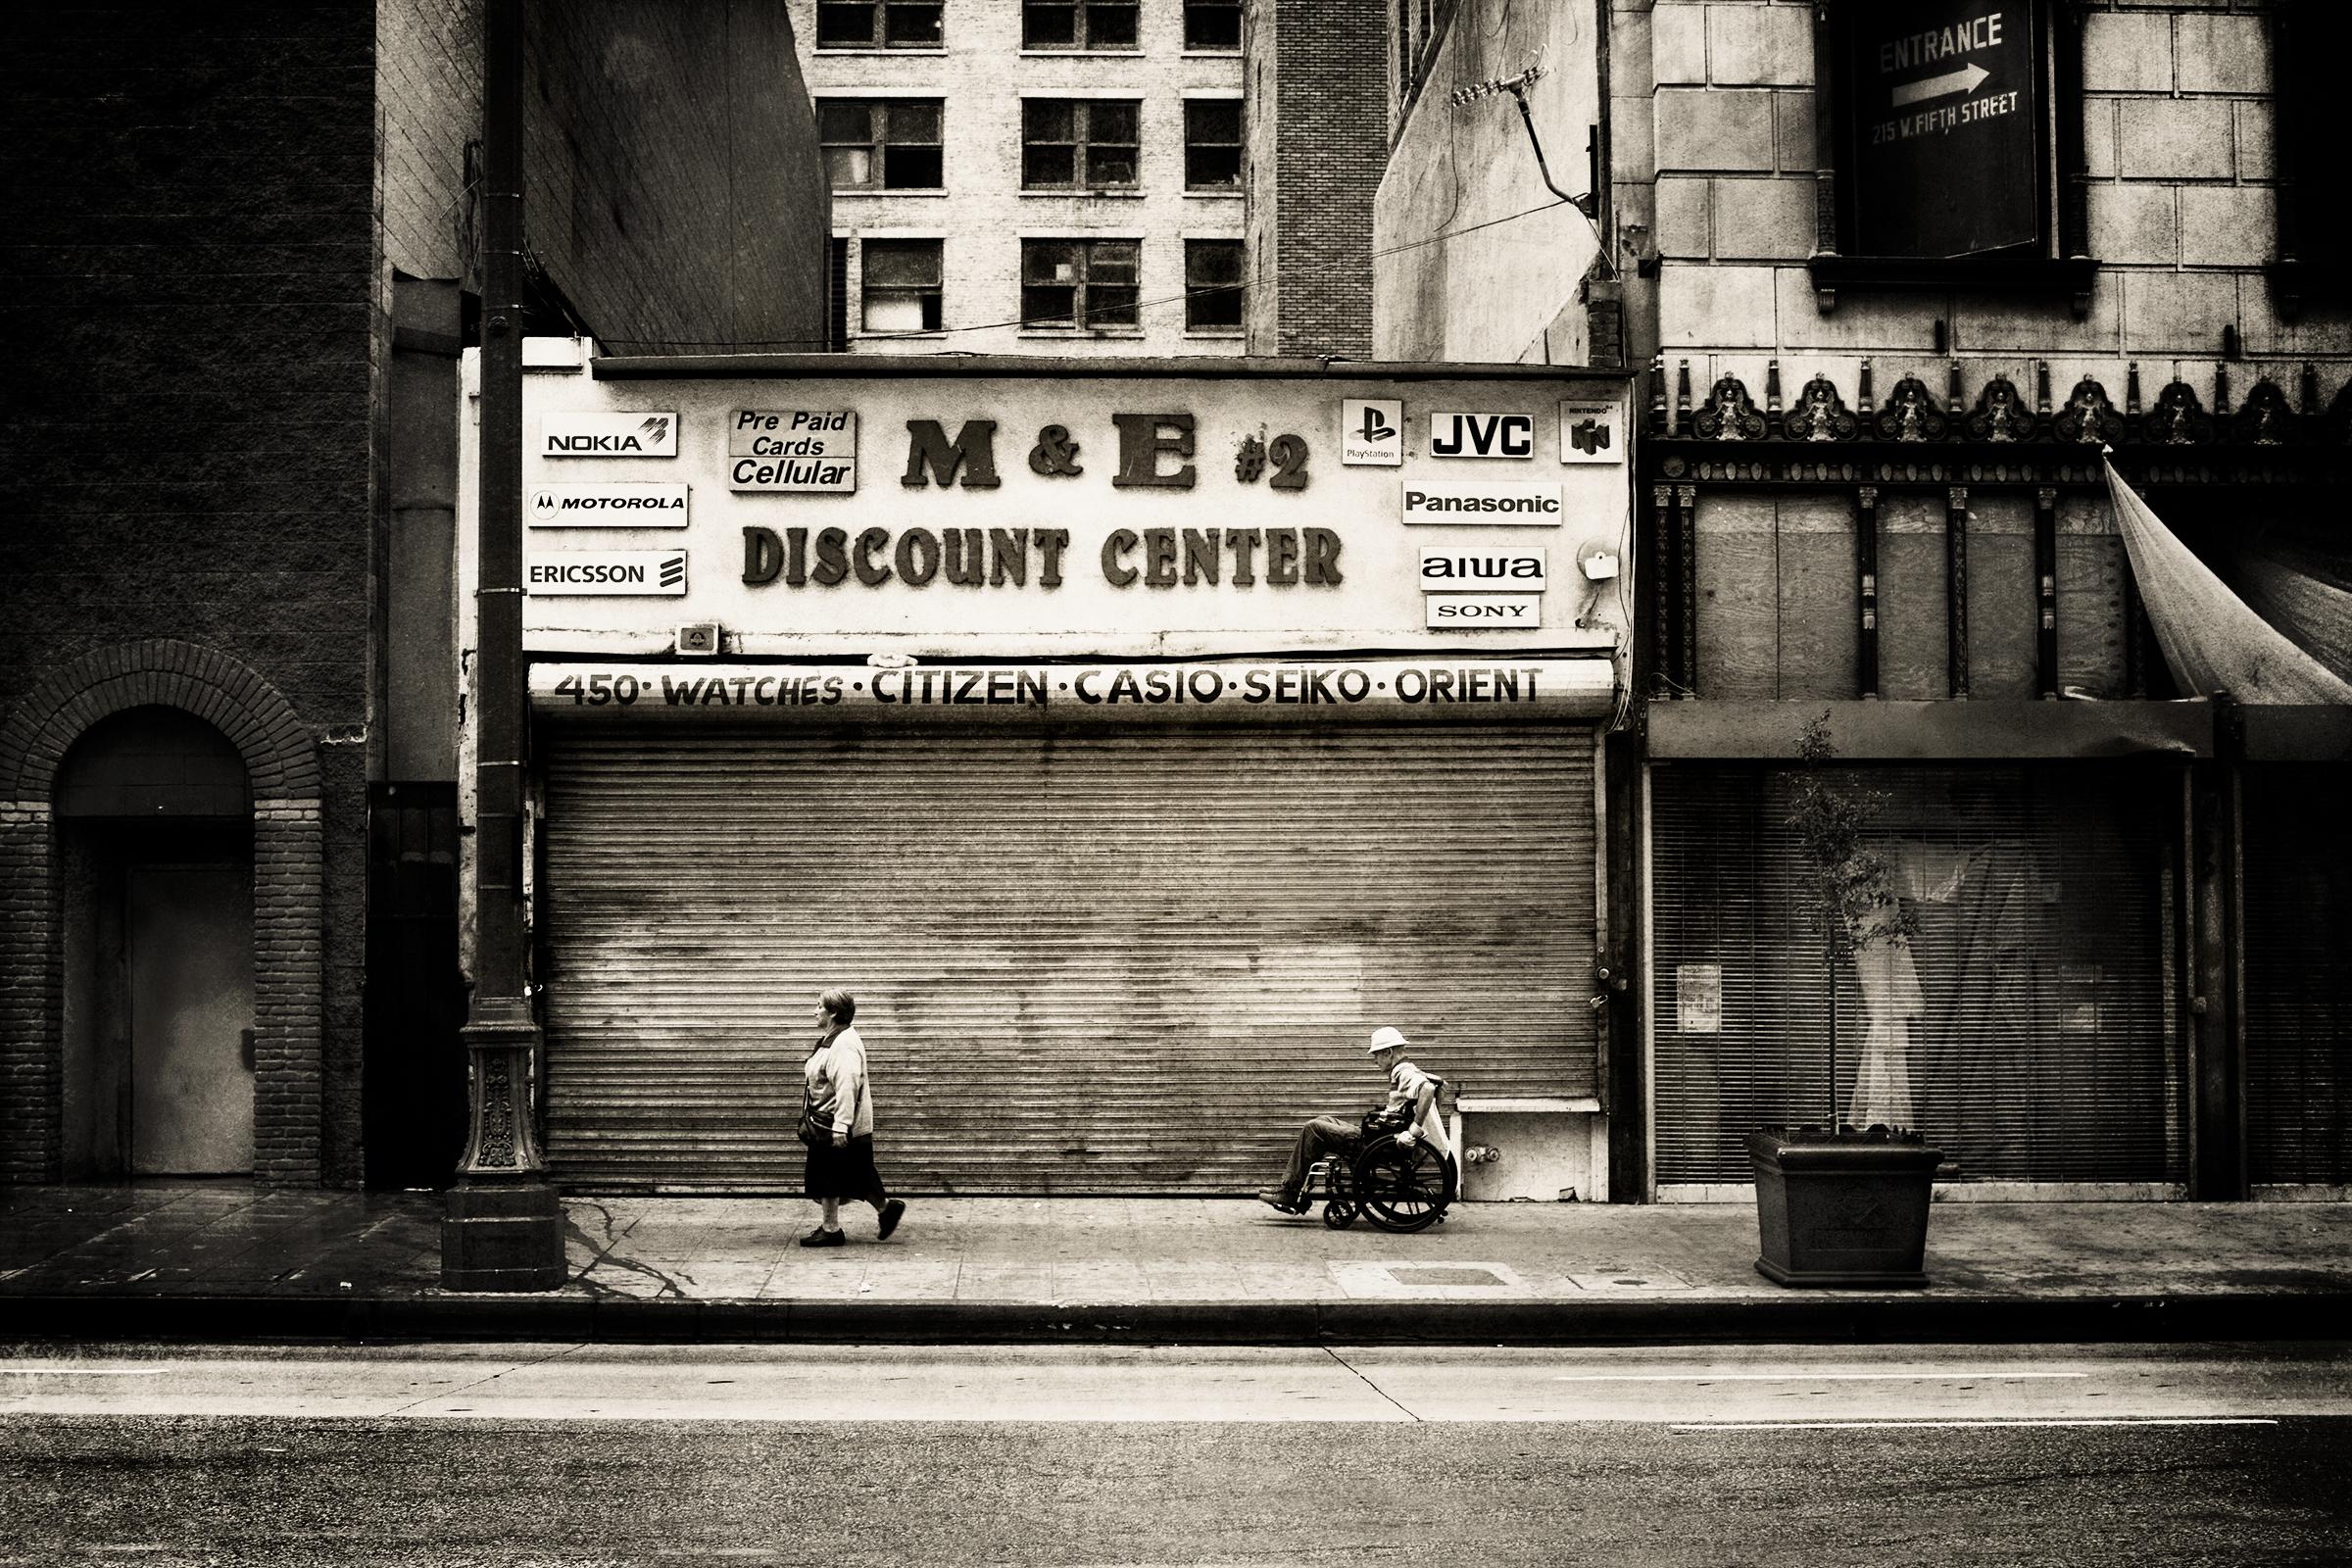 M&E Discount Center